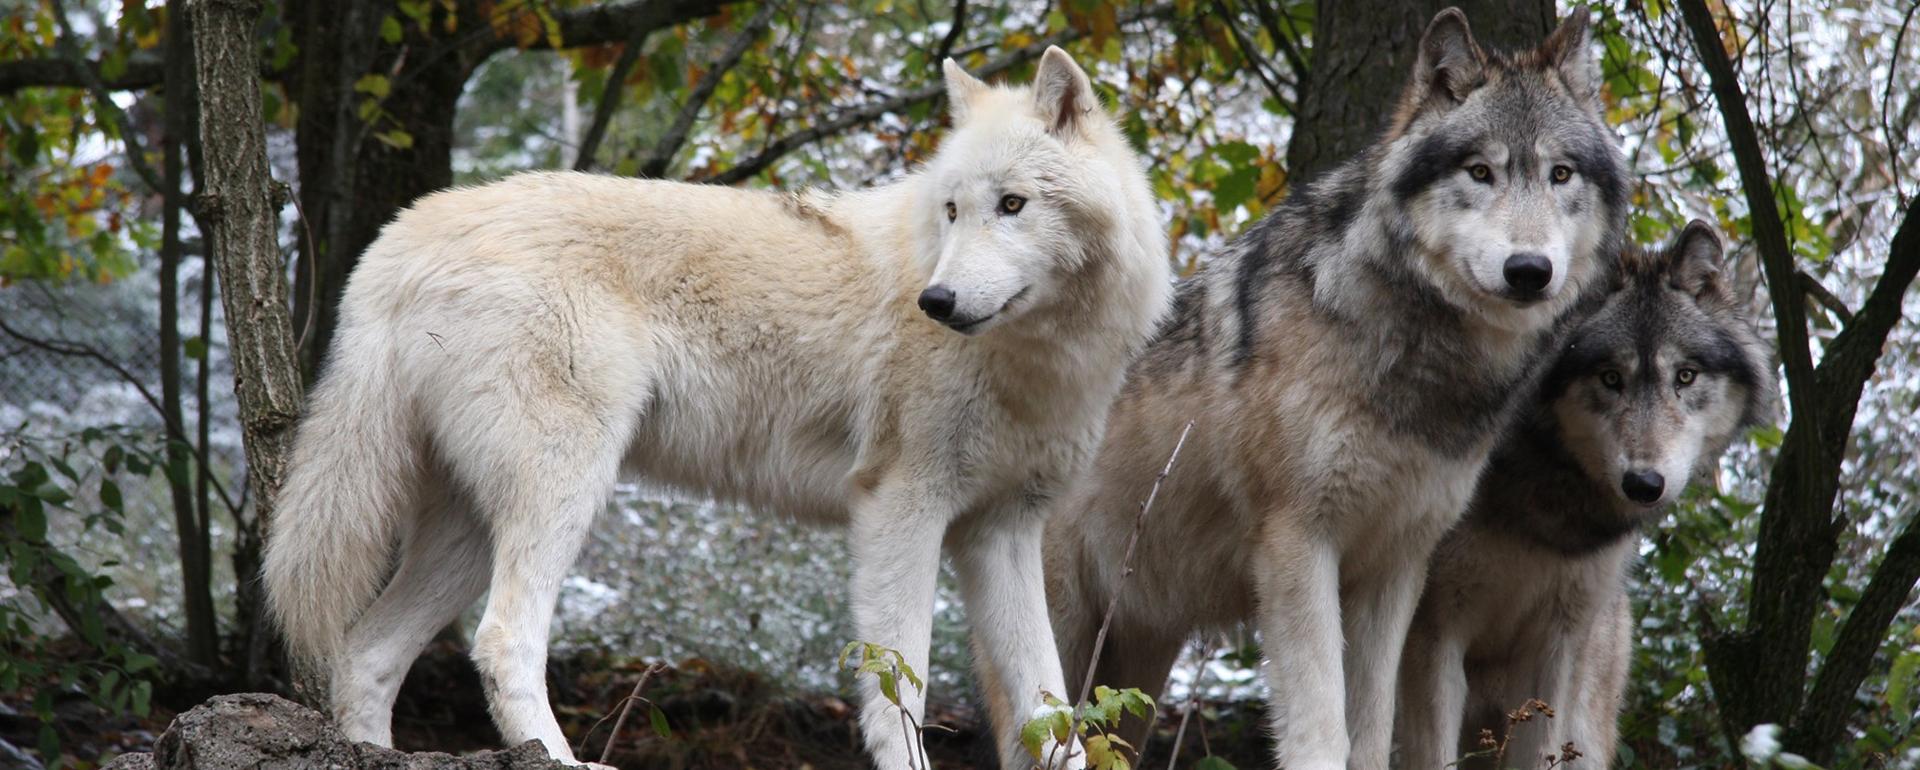 Parc animalier des Loups du Gévaudan - Lozère